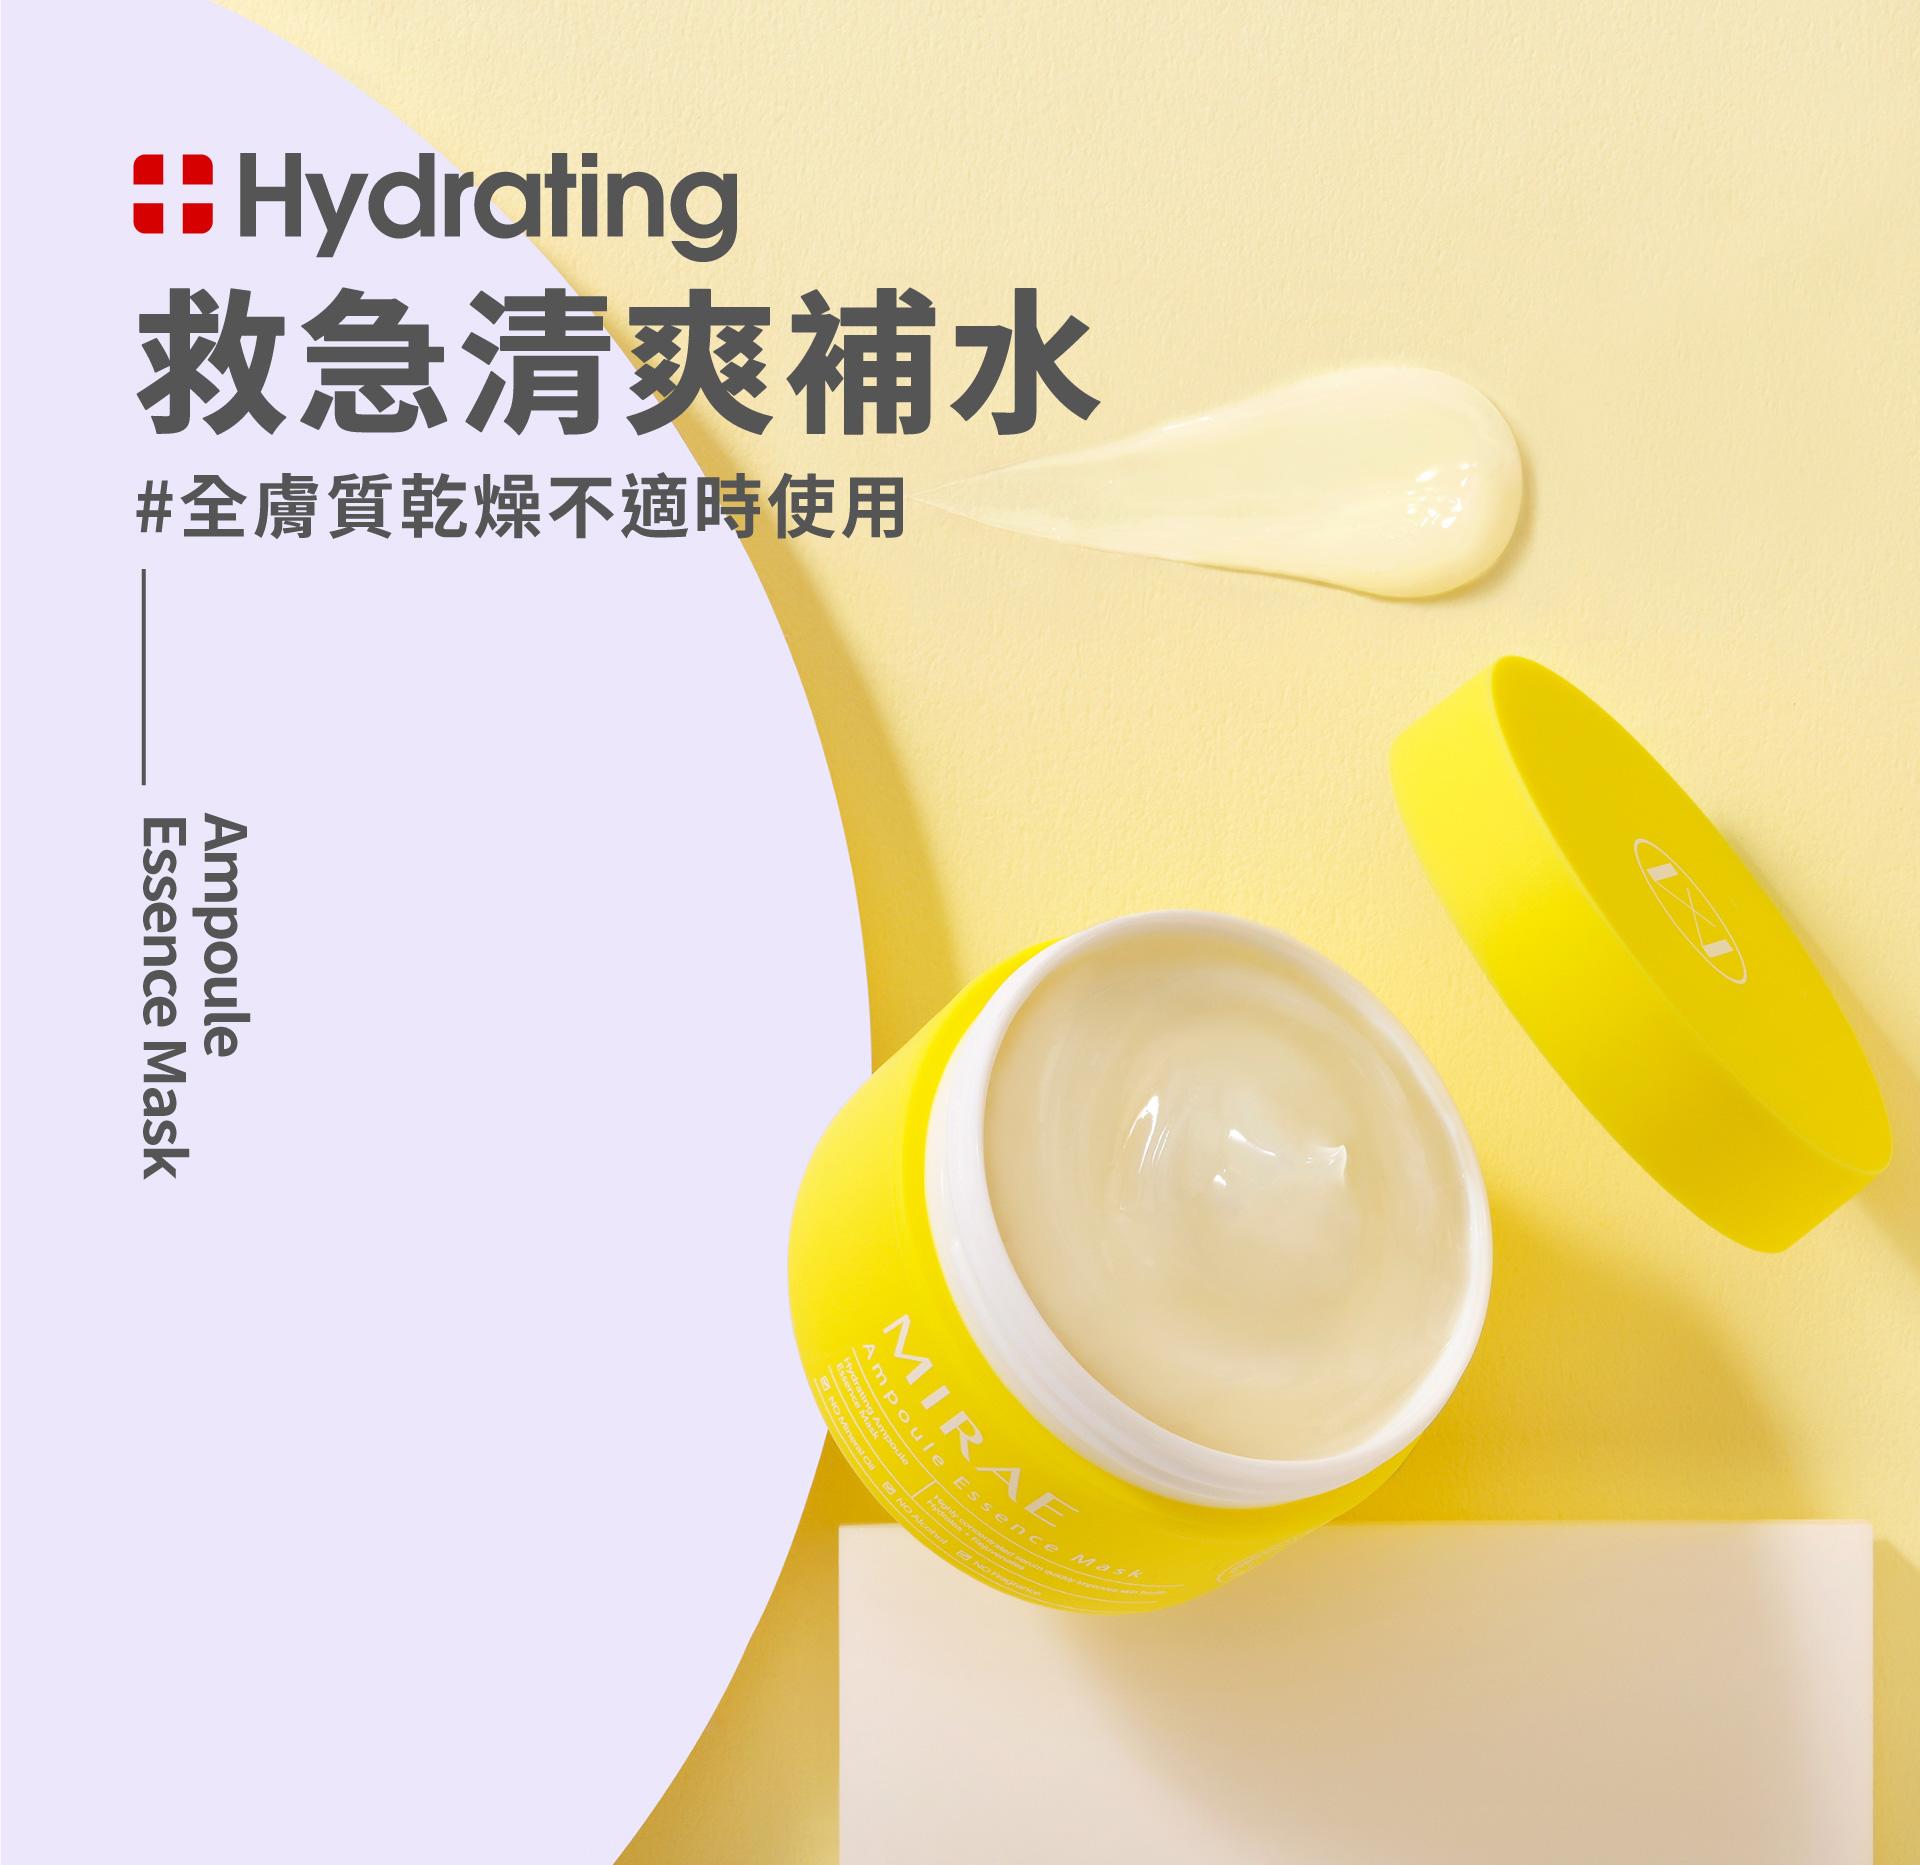 補水安瓶精華膜